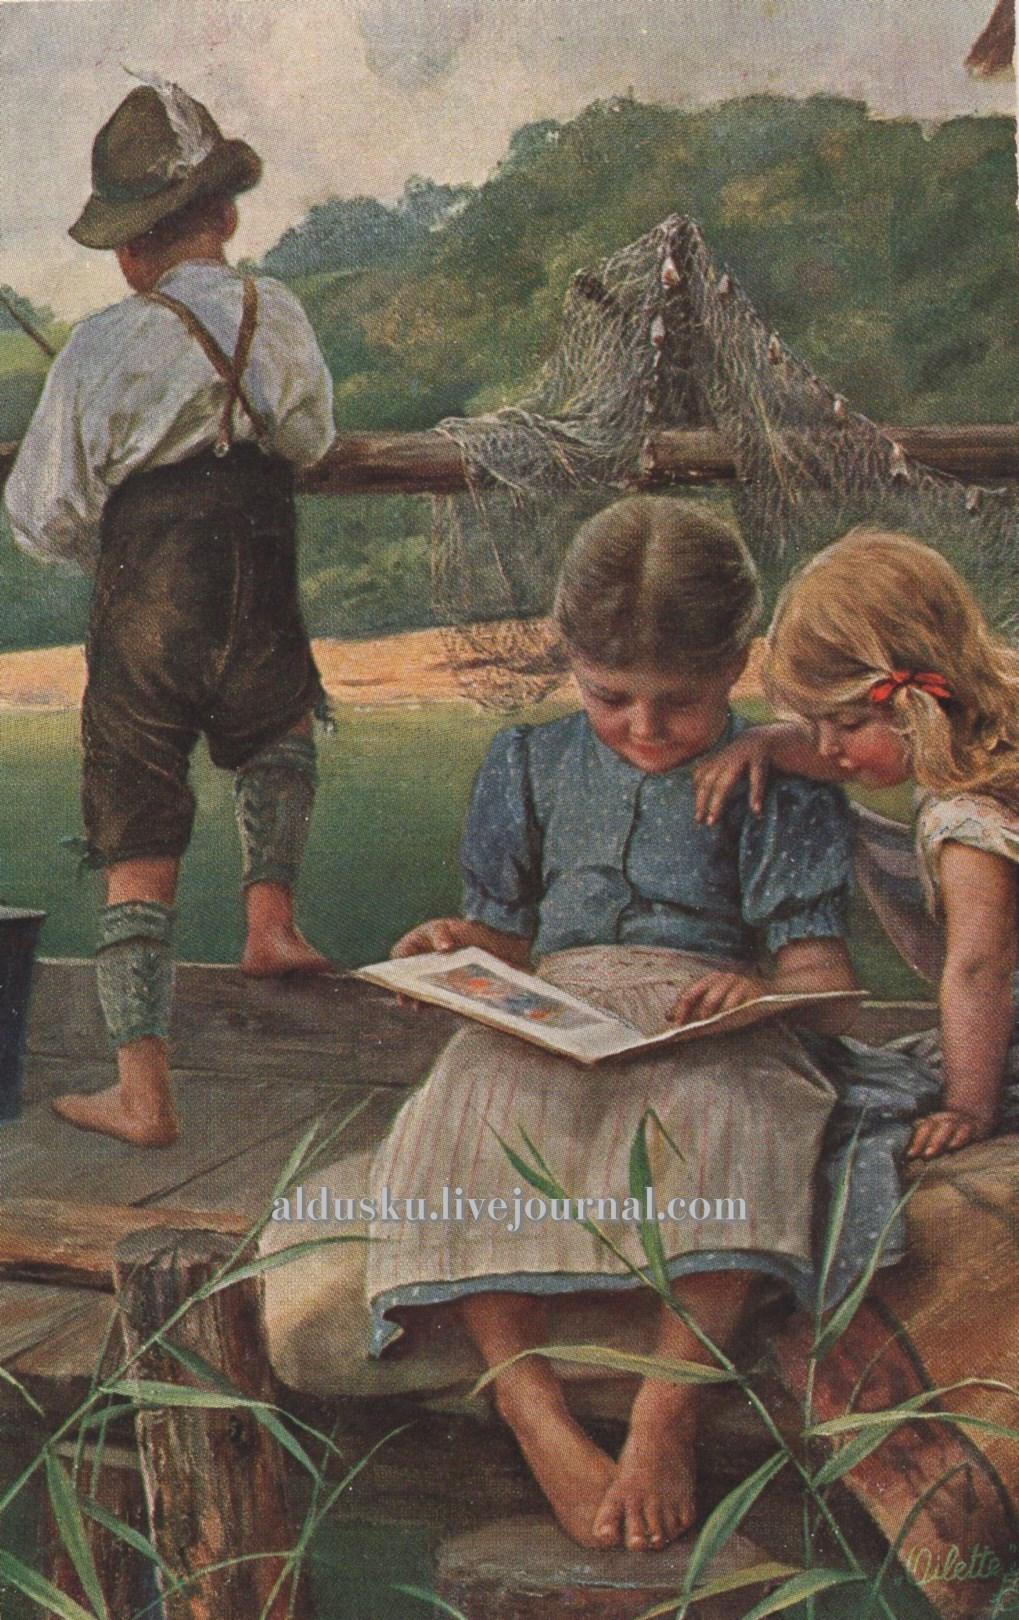 Соседкие дети. «Nachbarskinder». Издательство: Raphael Tuck & Sons Серия «Oilette» серия «Dorfkinder» No. 855. Англия; Германия